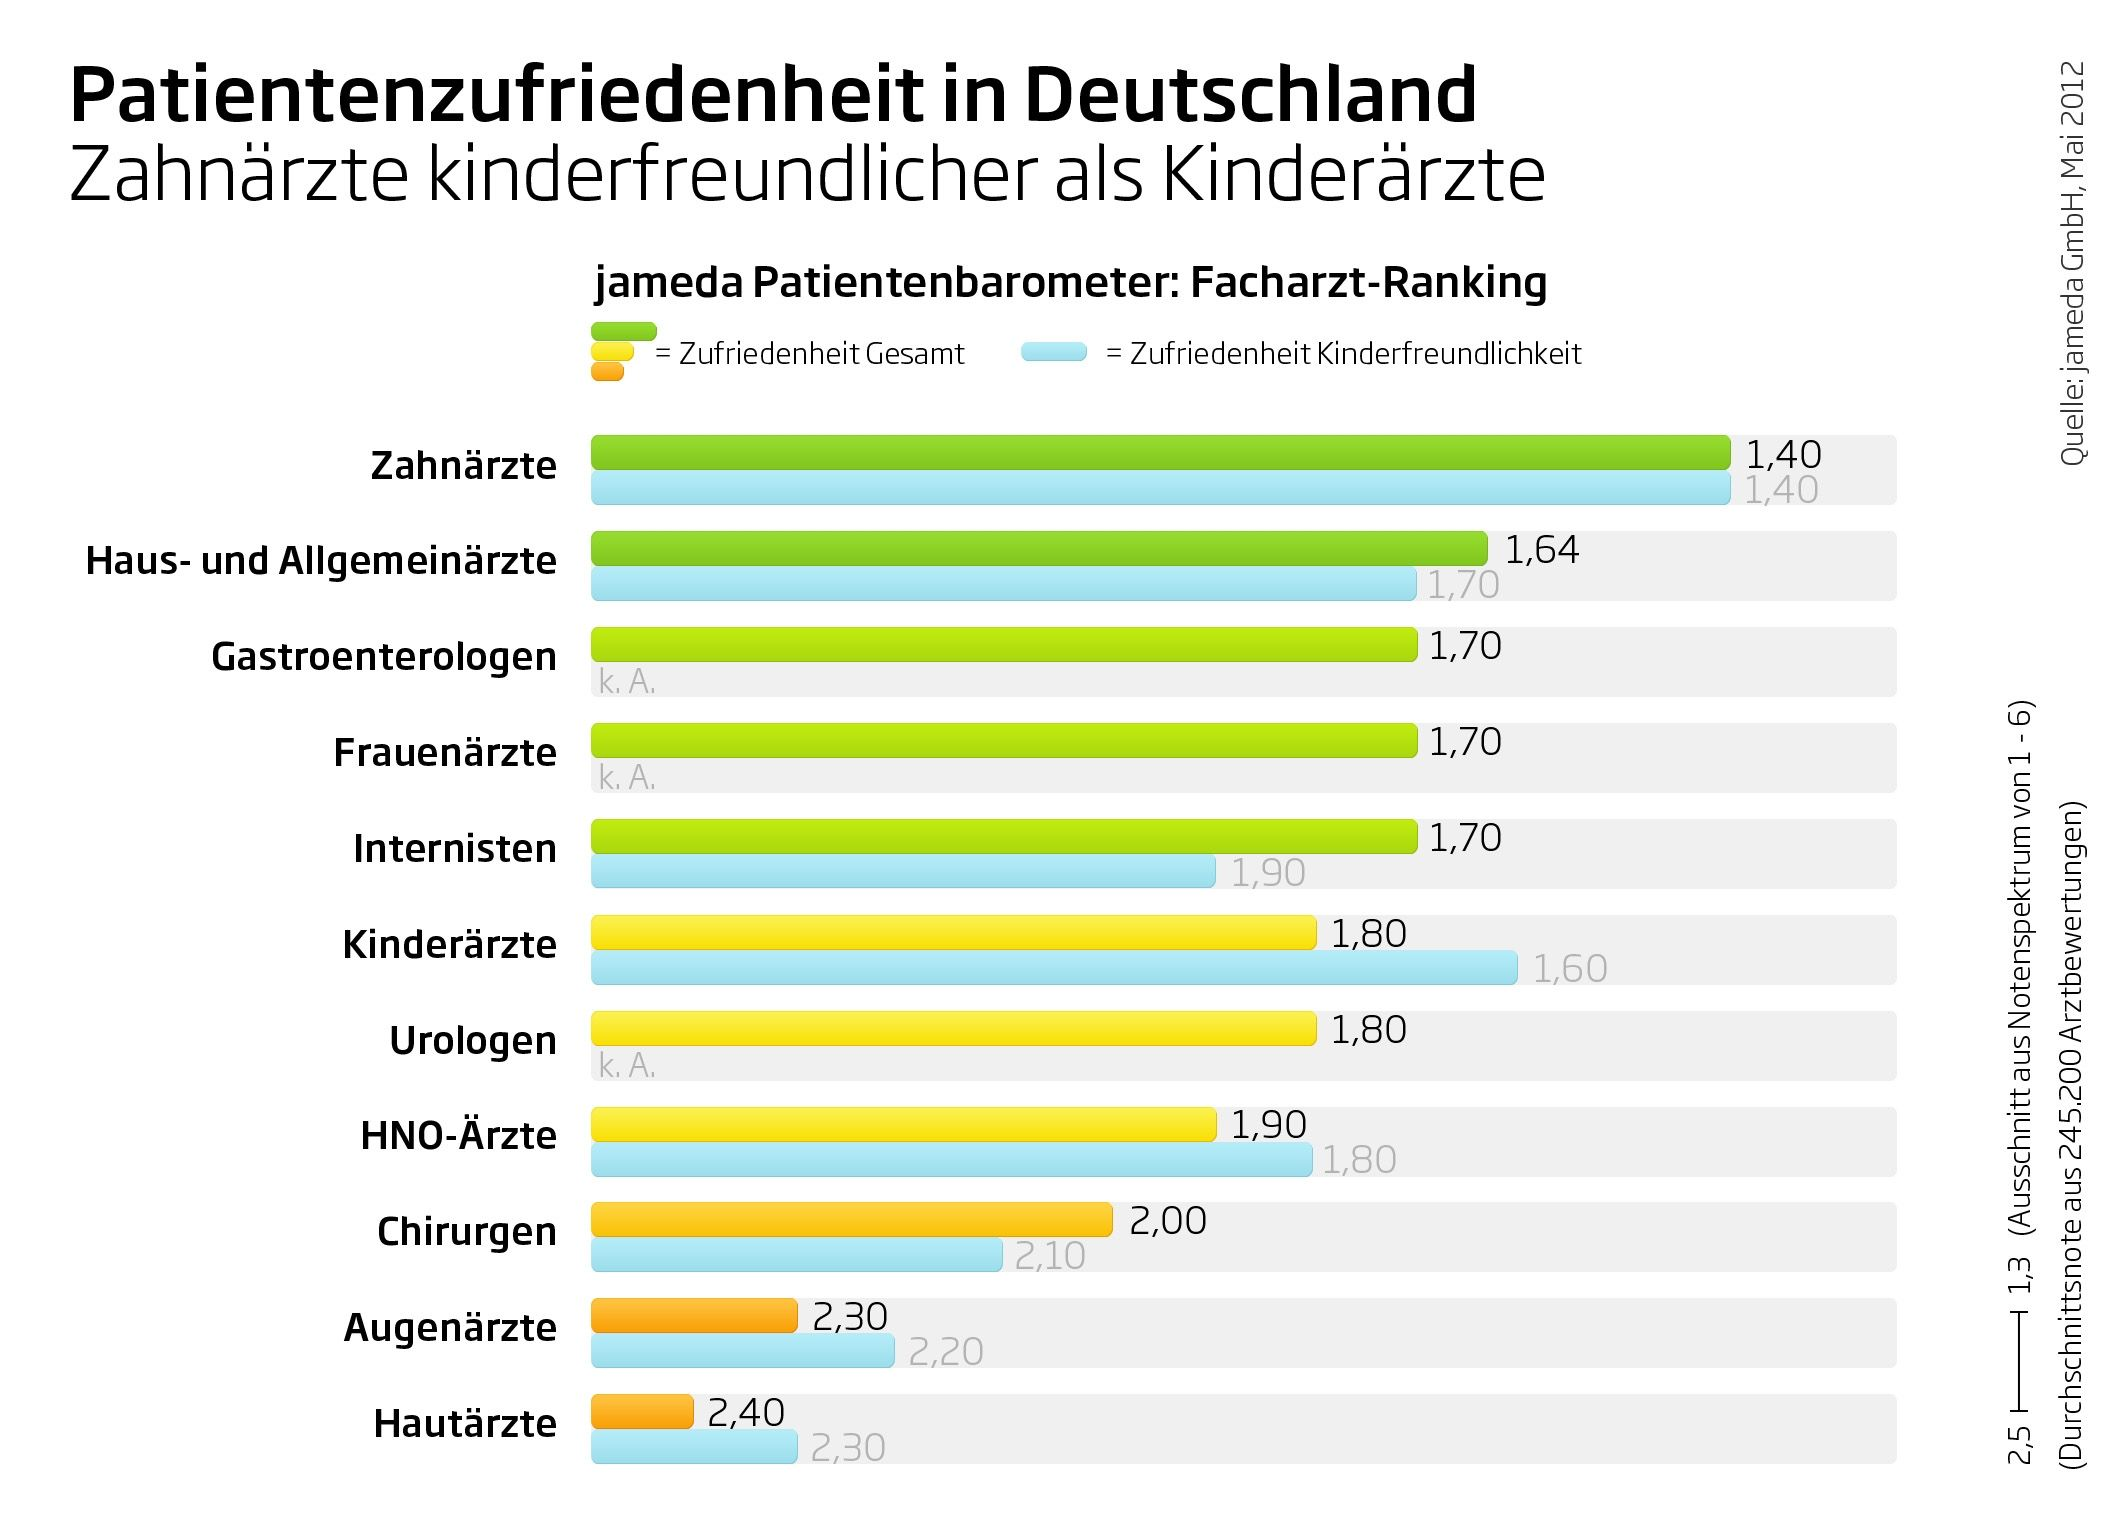 """jameda Patientenbarometer 2/2012: Zahnärzte werden in der Kategorie """"Kinderfreundlichkeit"""" besser bewertet als Kinderärzte."""